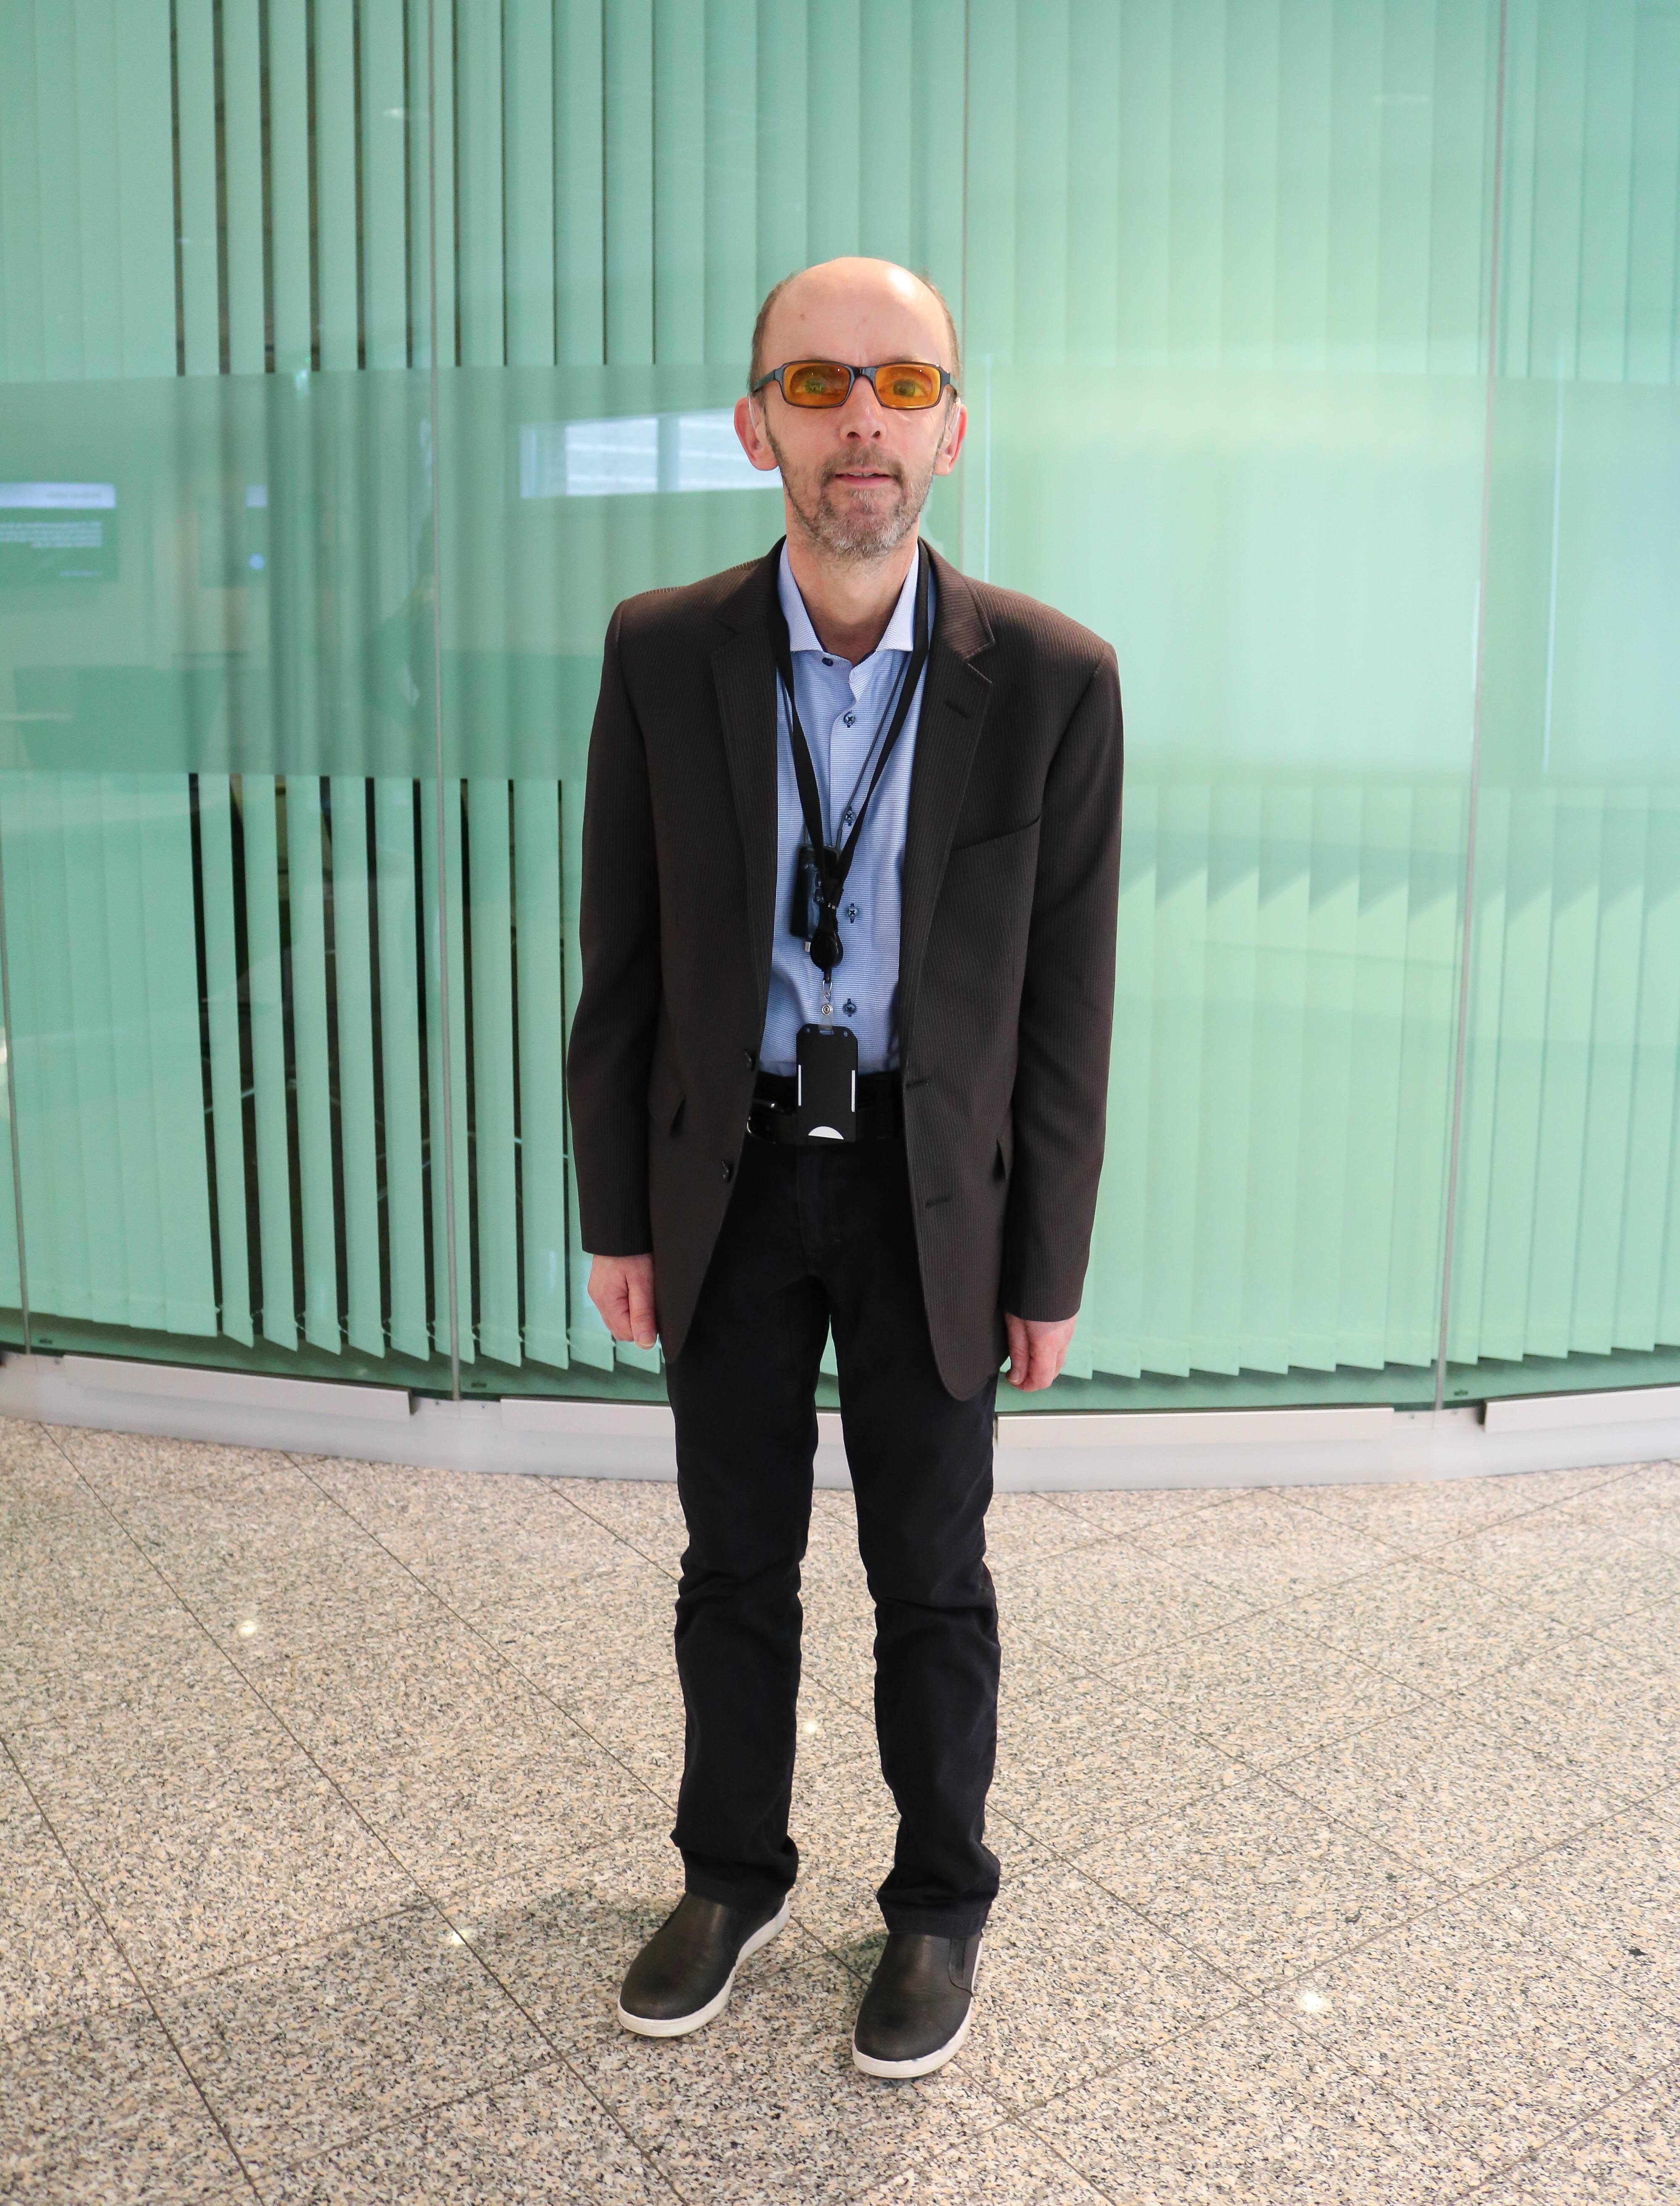 Portrettbilde av døvblind mann med oransje filterbriller. Han står foran en grønn, lett gjennomsiktig vegg.